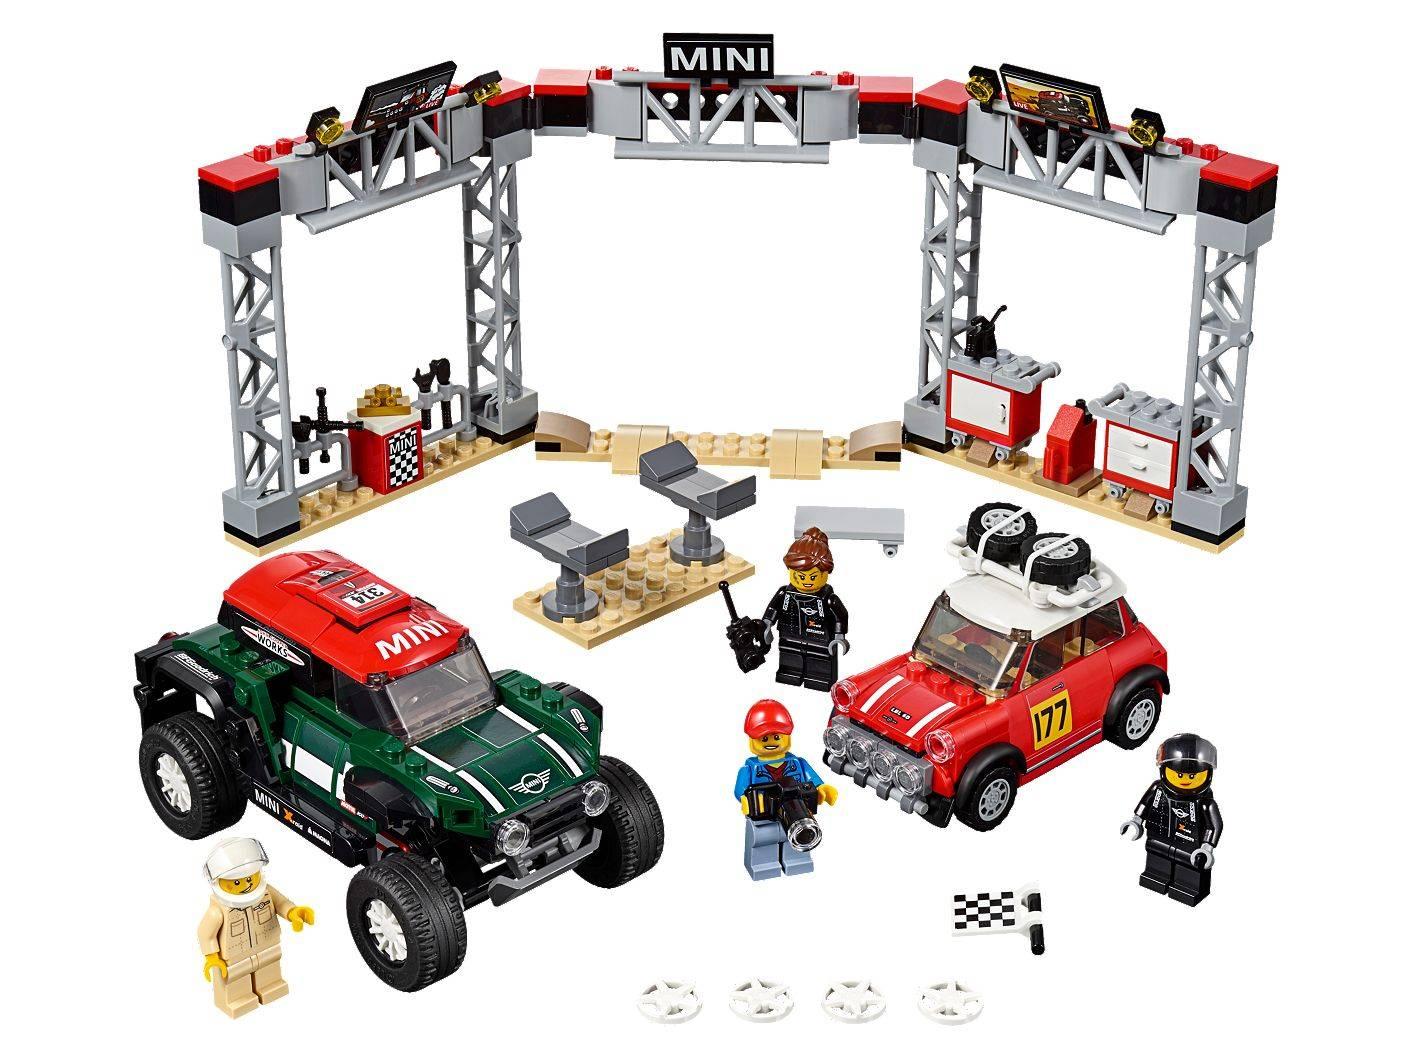 LEGO Roller Coaster 10261